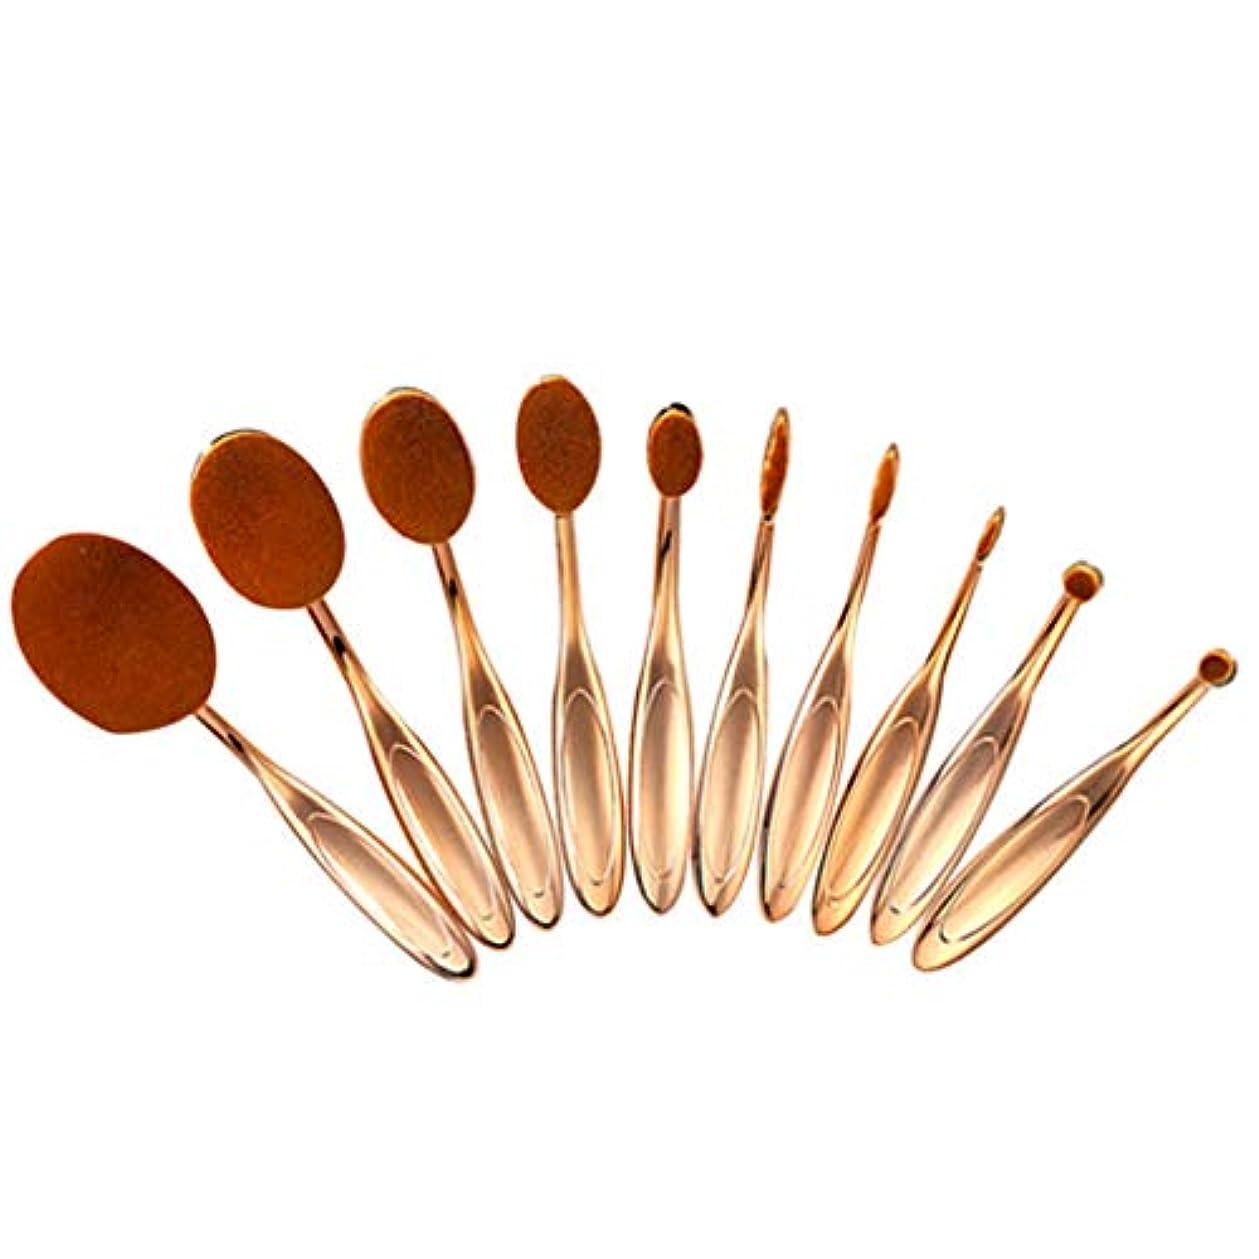 ブランクホールド水族館10化粧ブラシ化粧ブラシ化粧キット歯ブラシタイプ